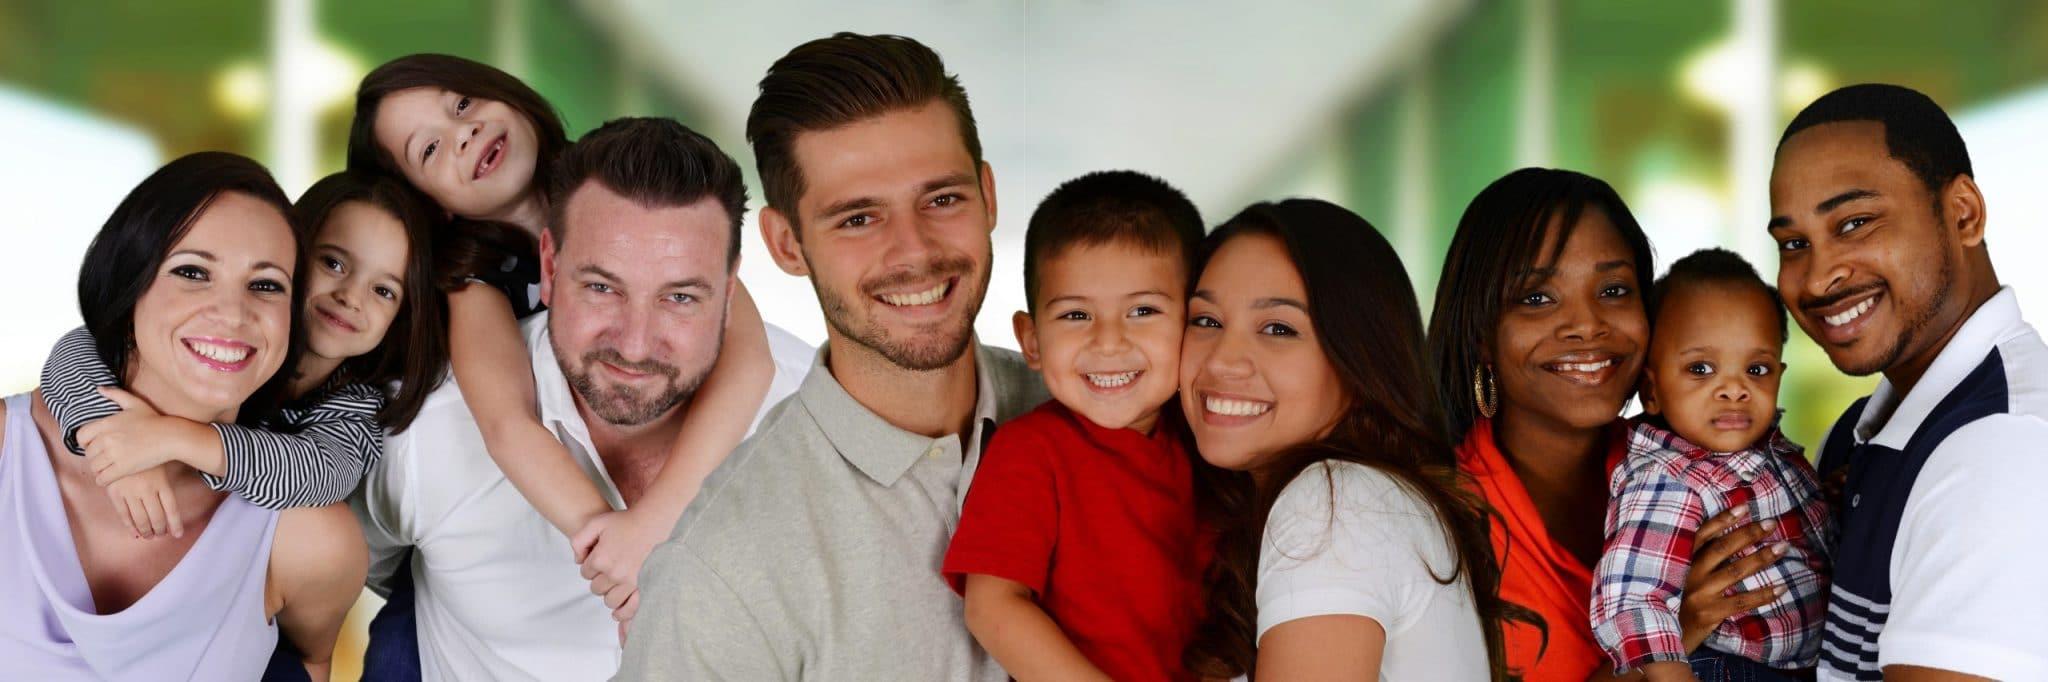 la familia reconstituida